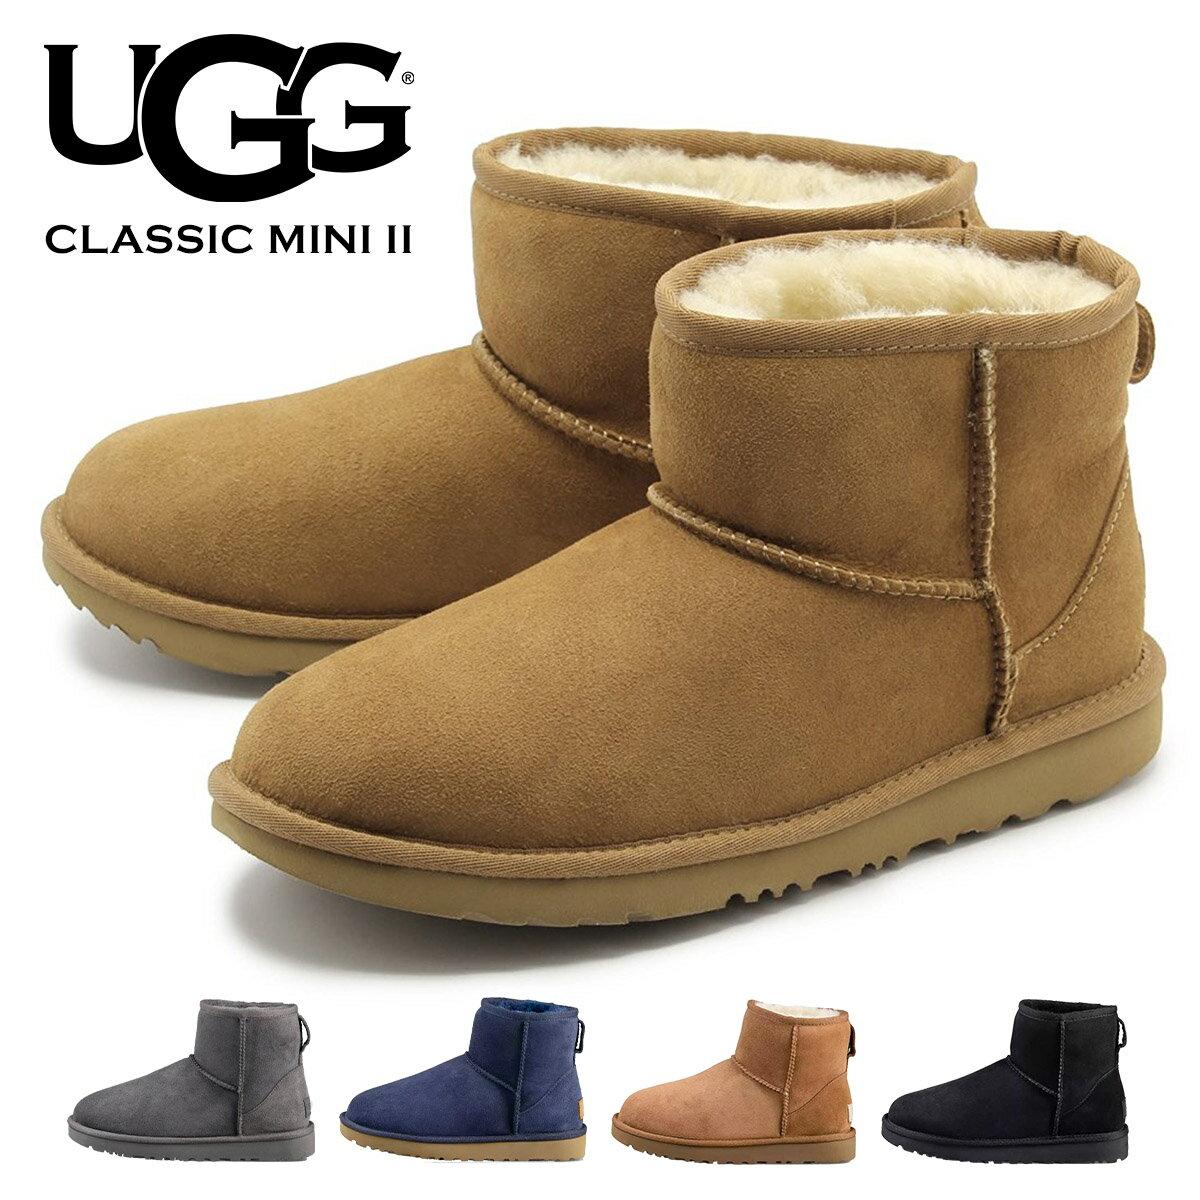 アグ UGG クラシックミニ CLASSIC MINI II デッカーズ ムートンブーツ 海外正規商品